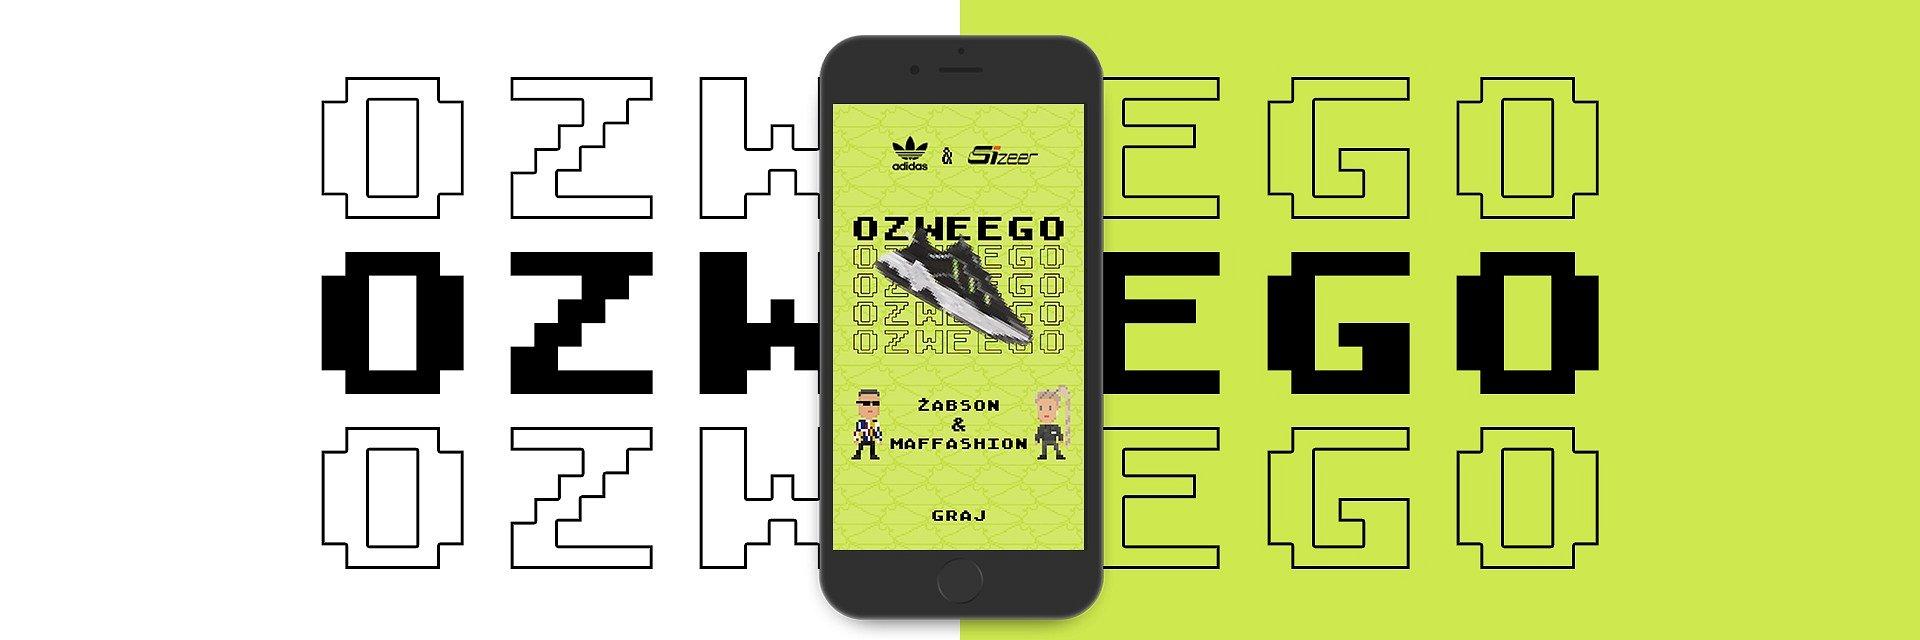 The Digitals (Grupa S/F) autorem gry promującej nowy model butów adidas OZWEEGO w salonach Sizeer.